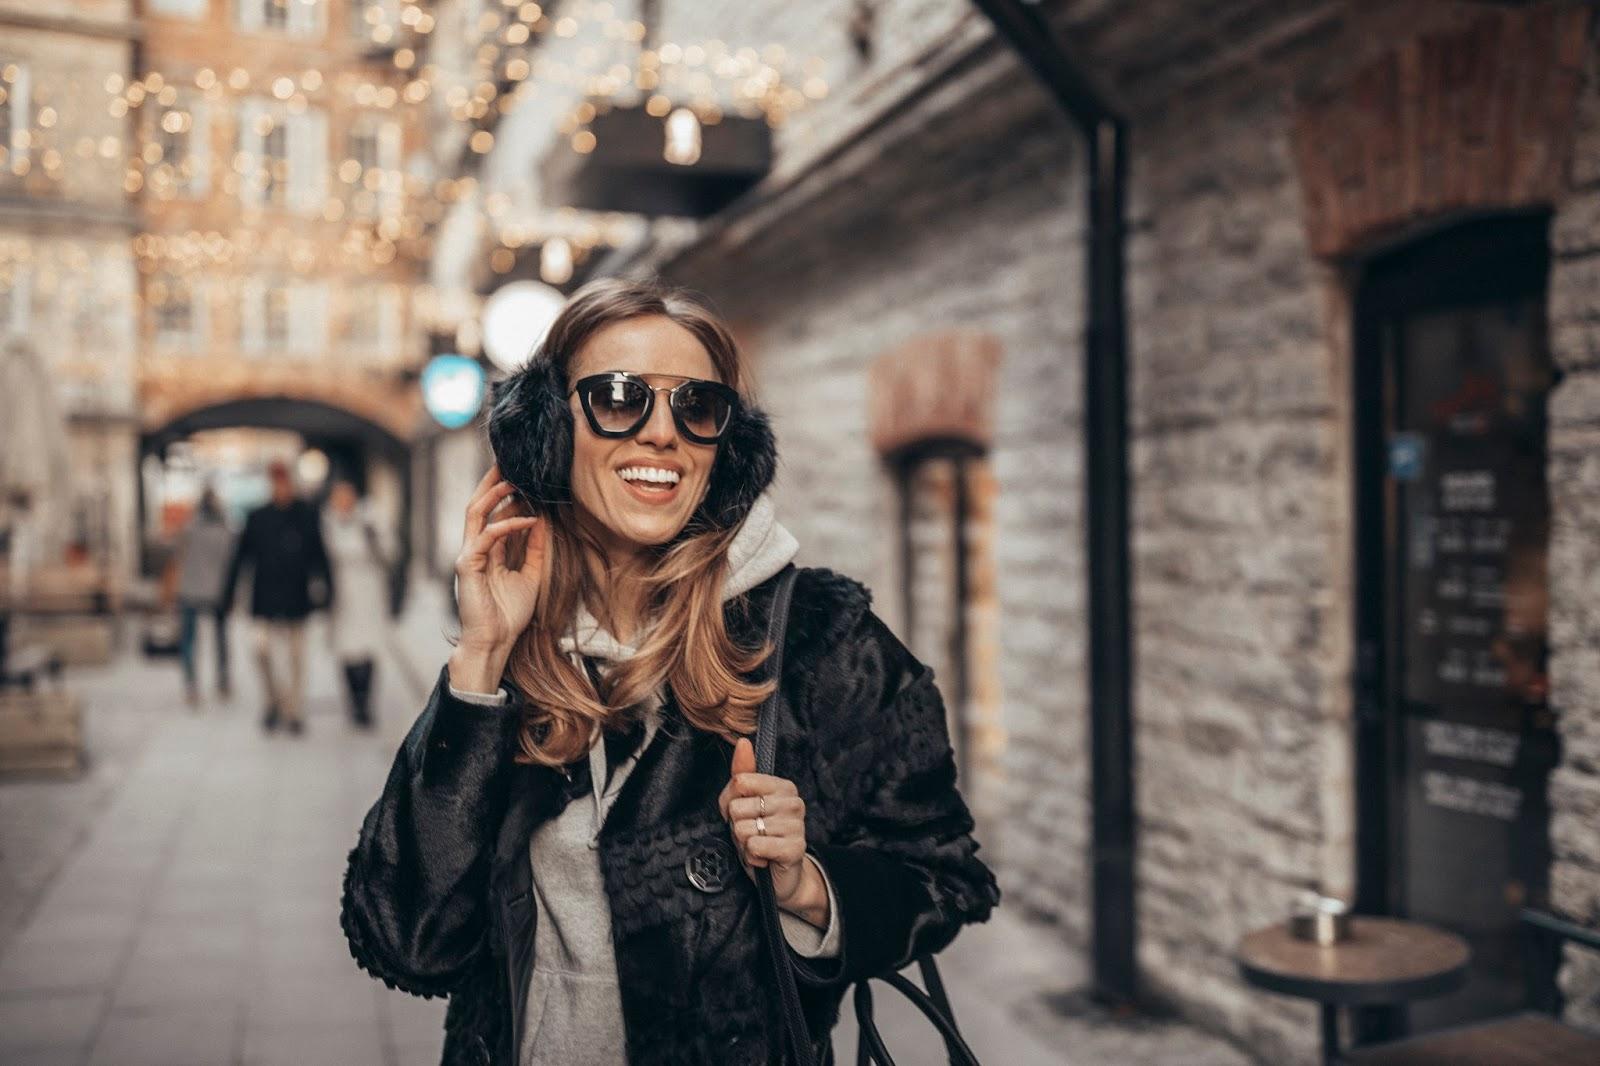 trussardi black furry ear muffs prada sunglasses outfit